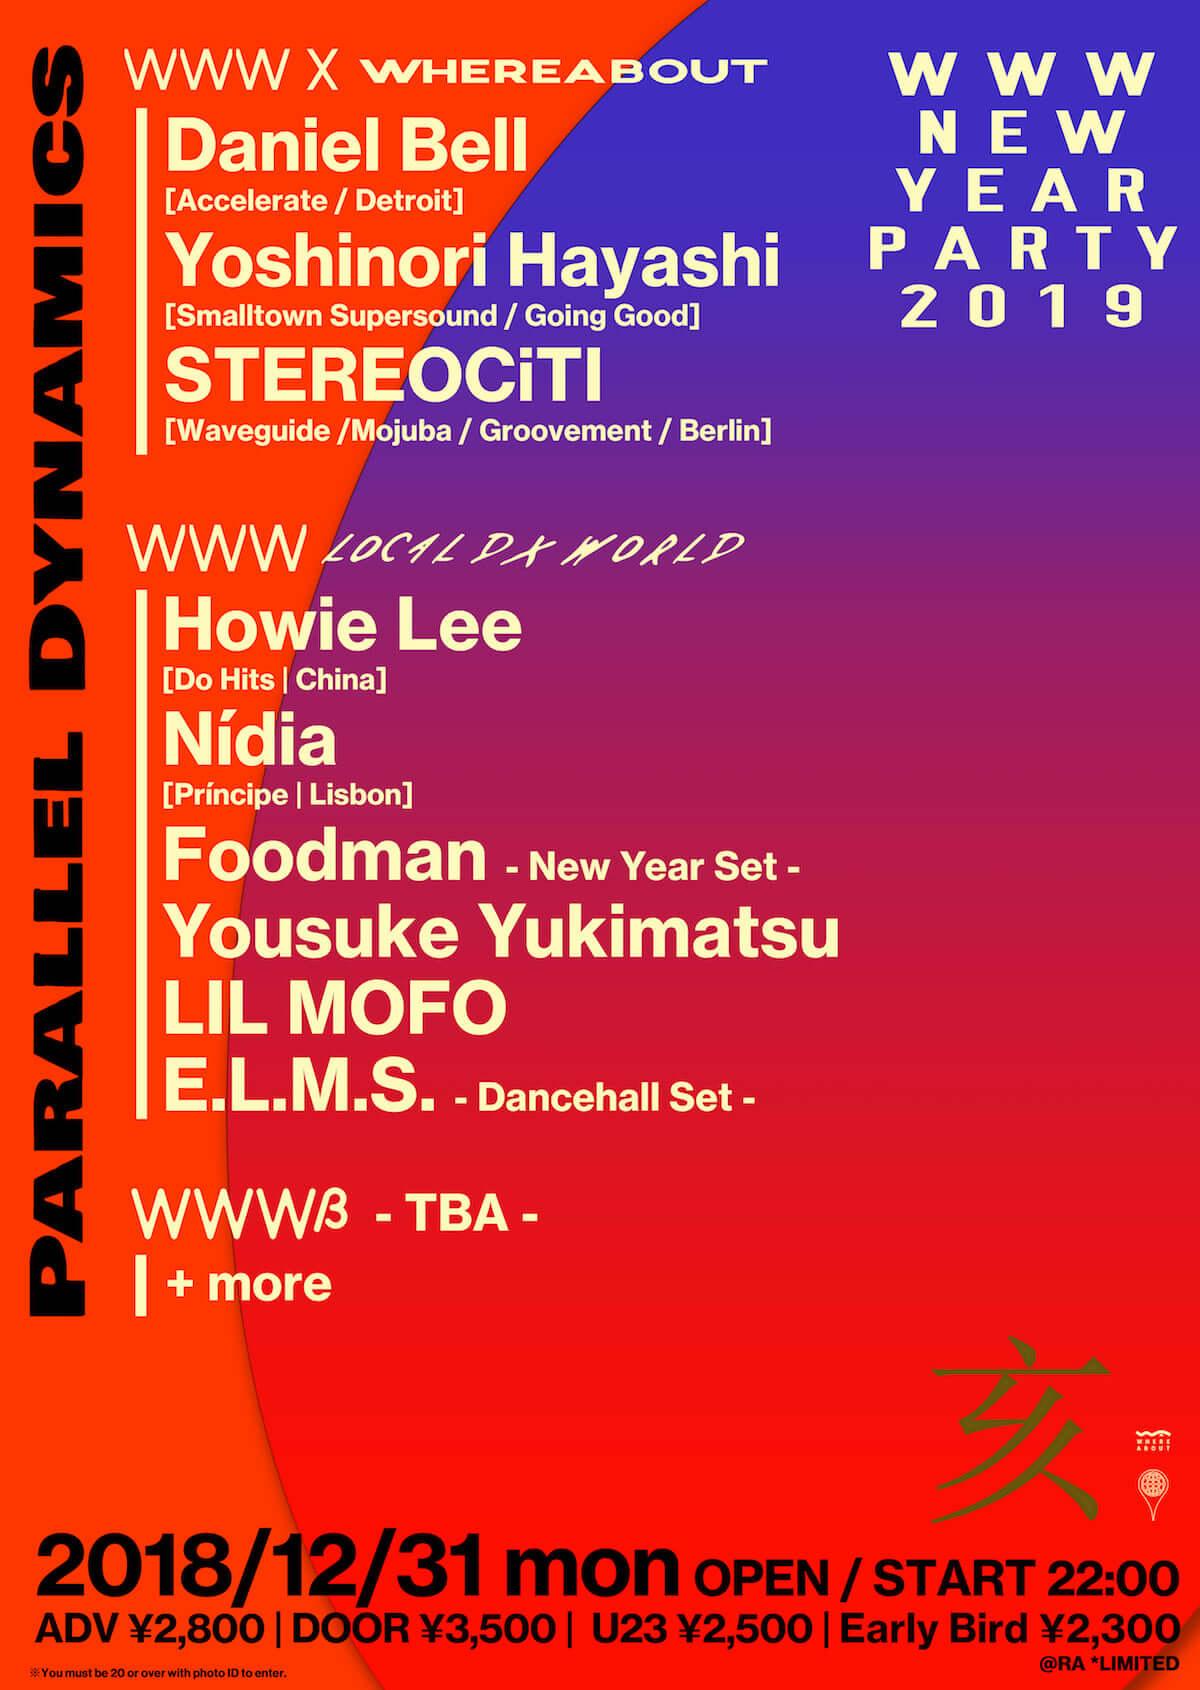 大晦日は現代のエレクトロニック/ダンス・ミュージック!WWWのニューイヤーパーティが発表! music181122-www-new-year-party-3-1200x1690